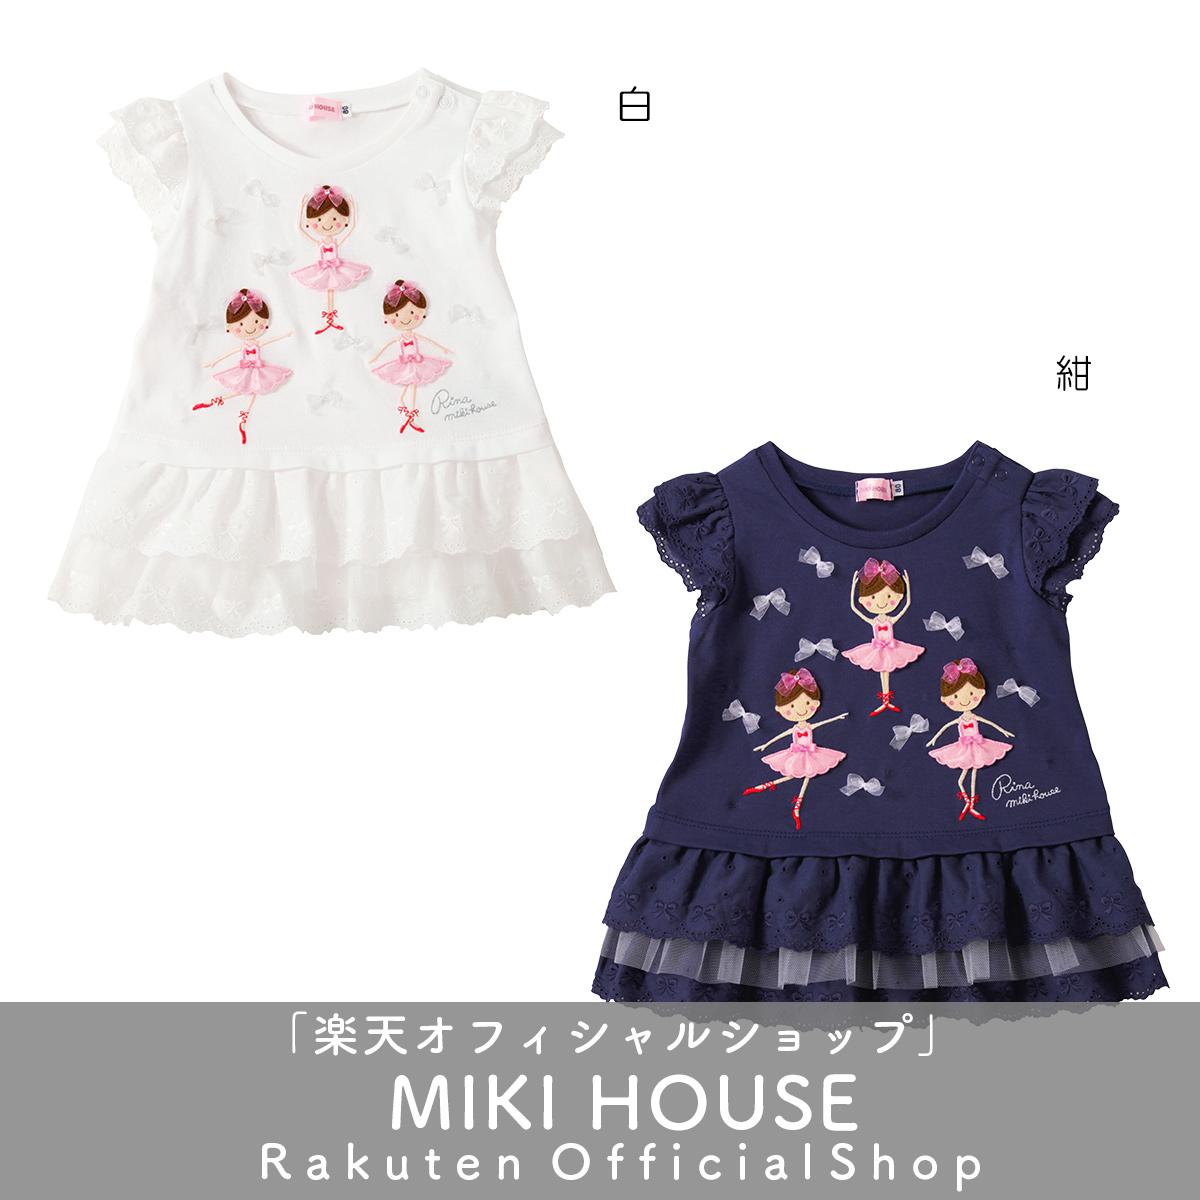 【アウトレット】ミキハウス mikihouse Tシャツ(120cm・130cm) バーゲン